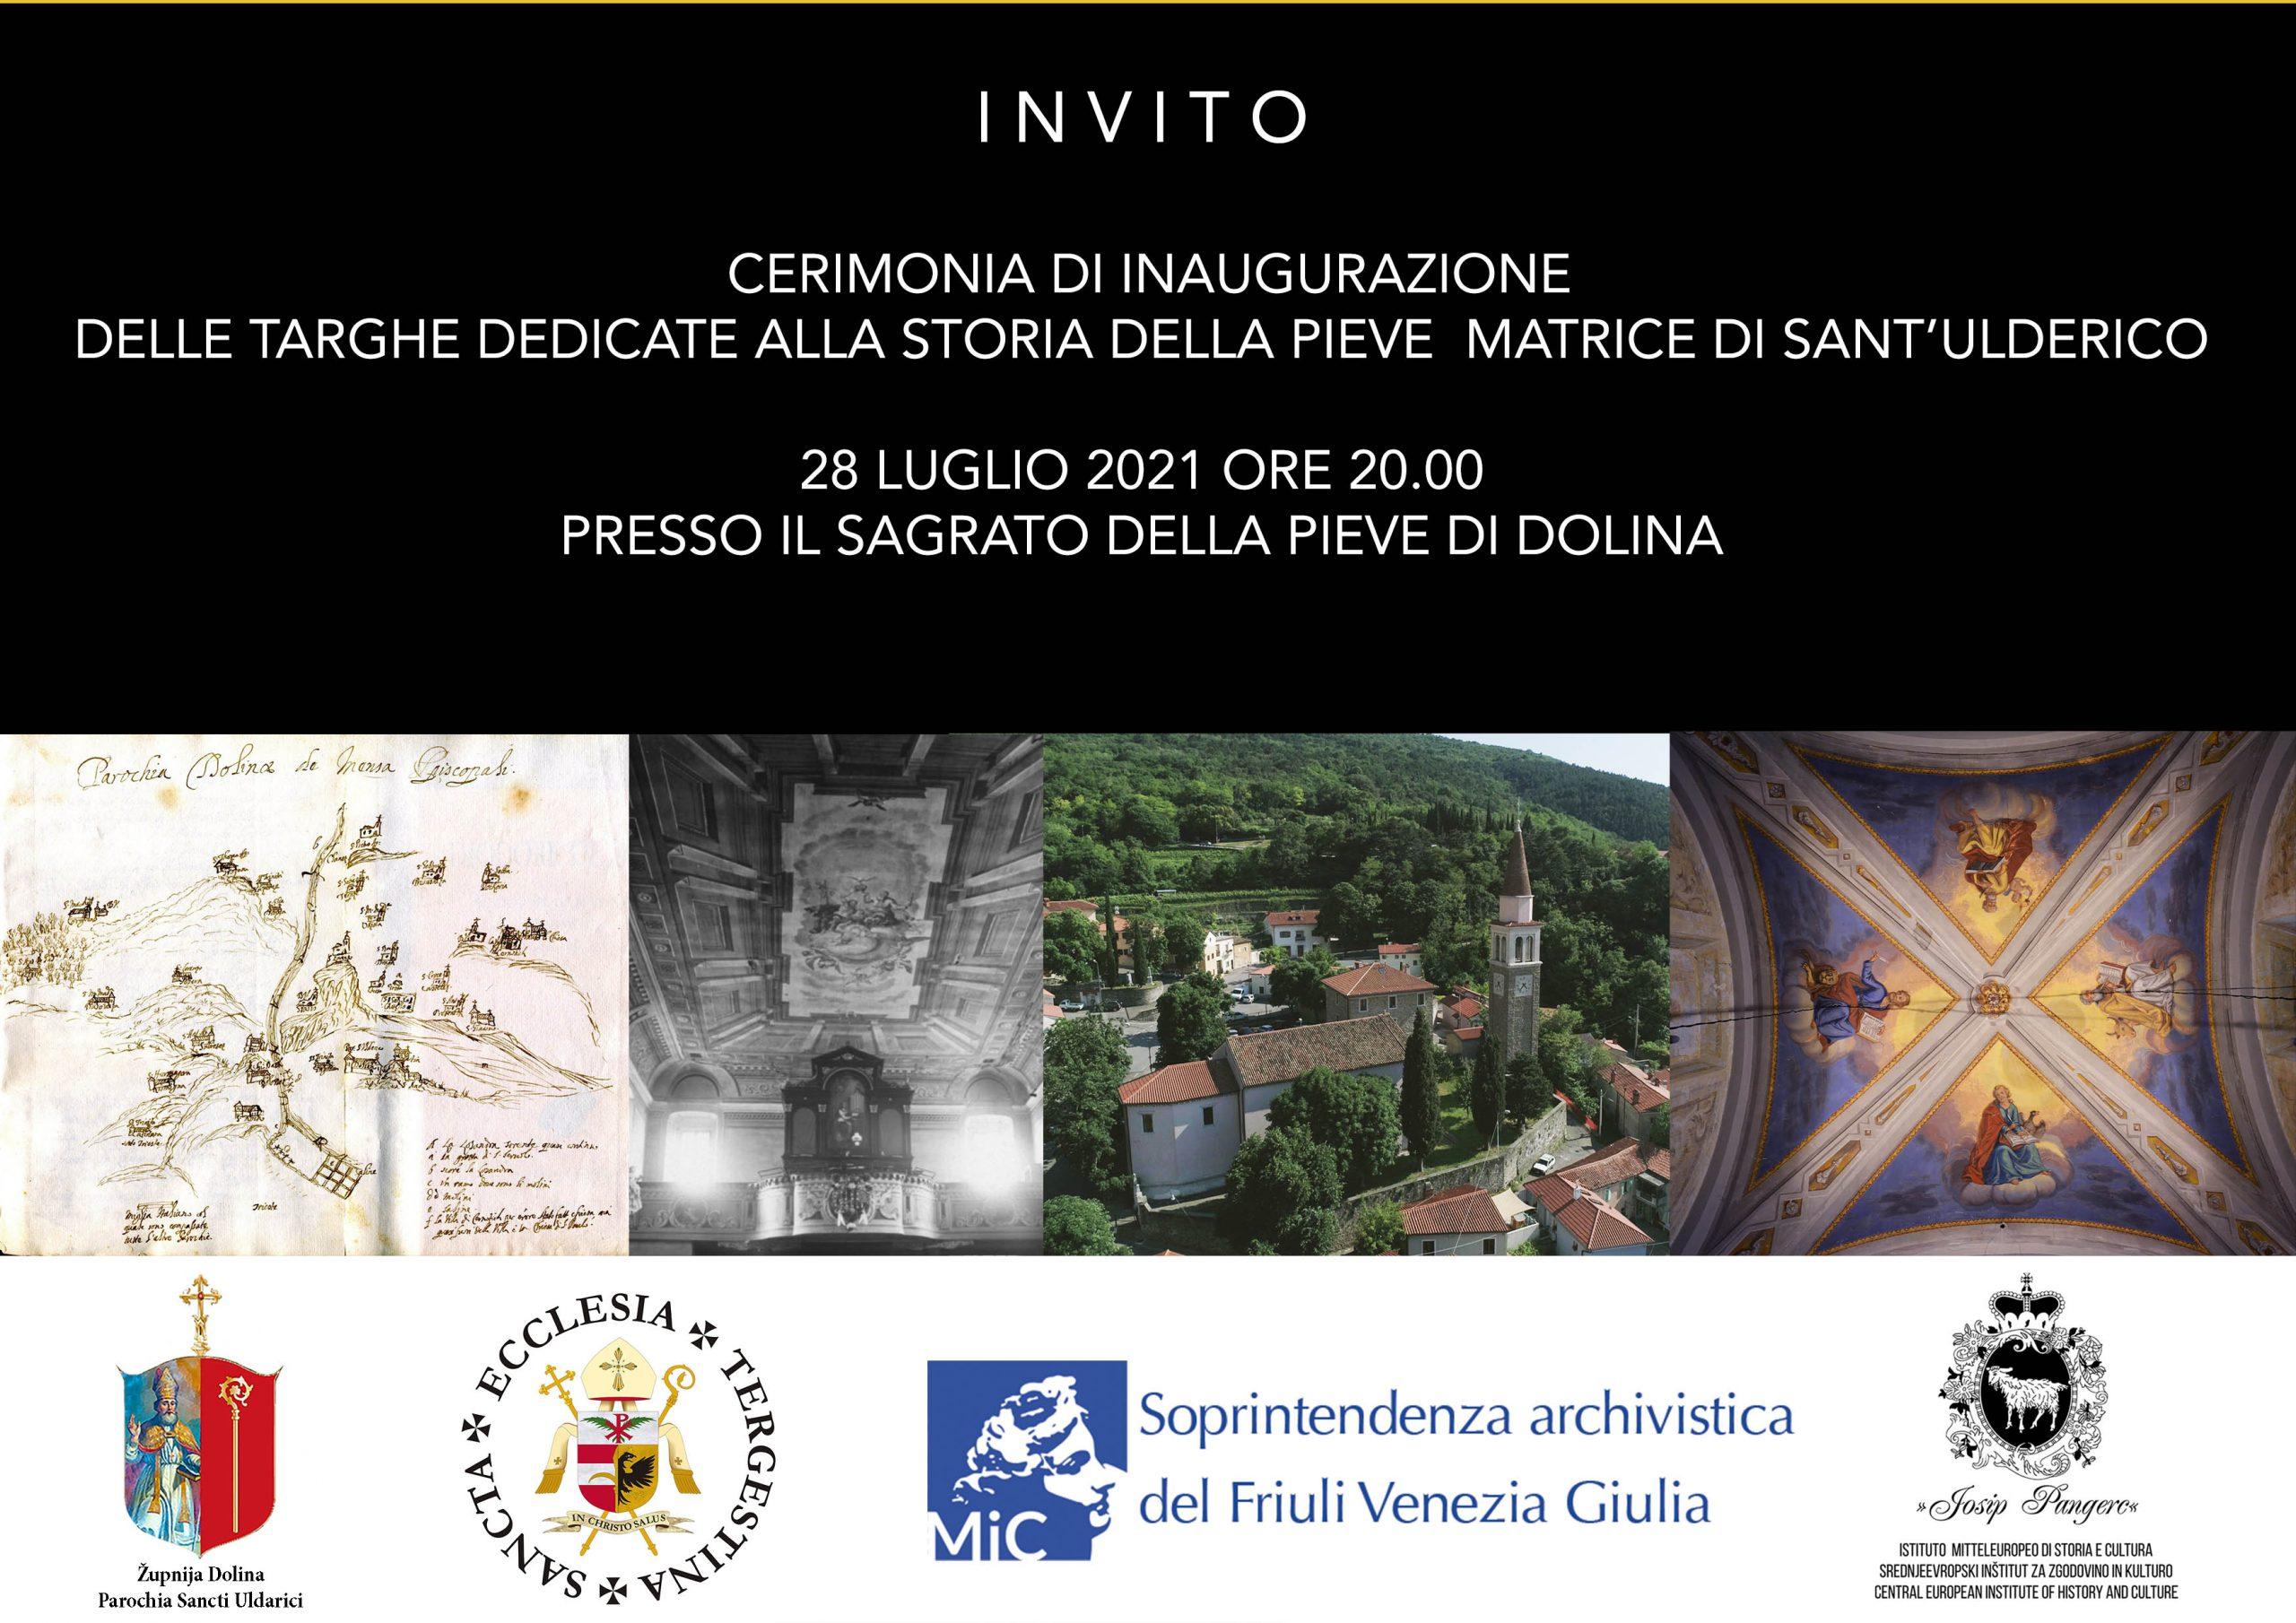 Inaugurazione alla Pieve Matrice di sant'Ulderico